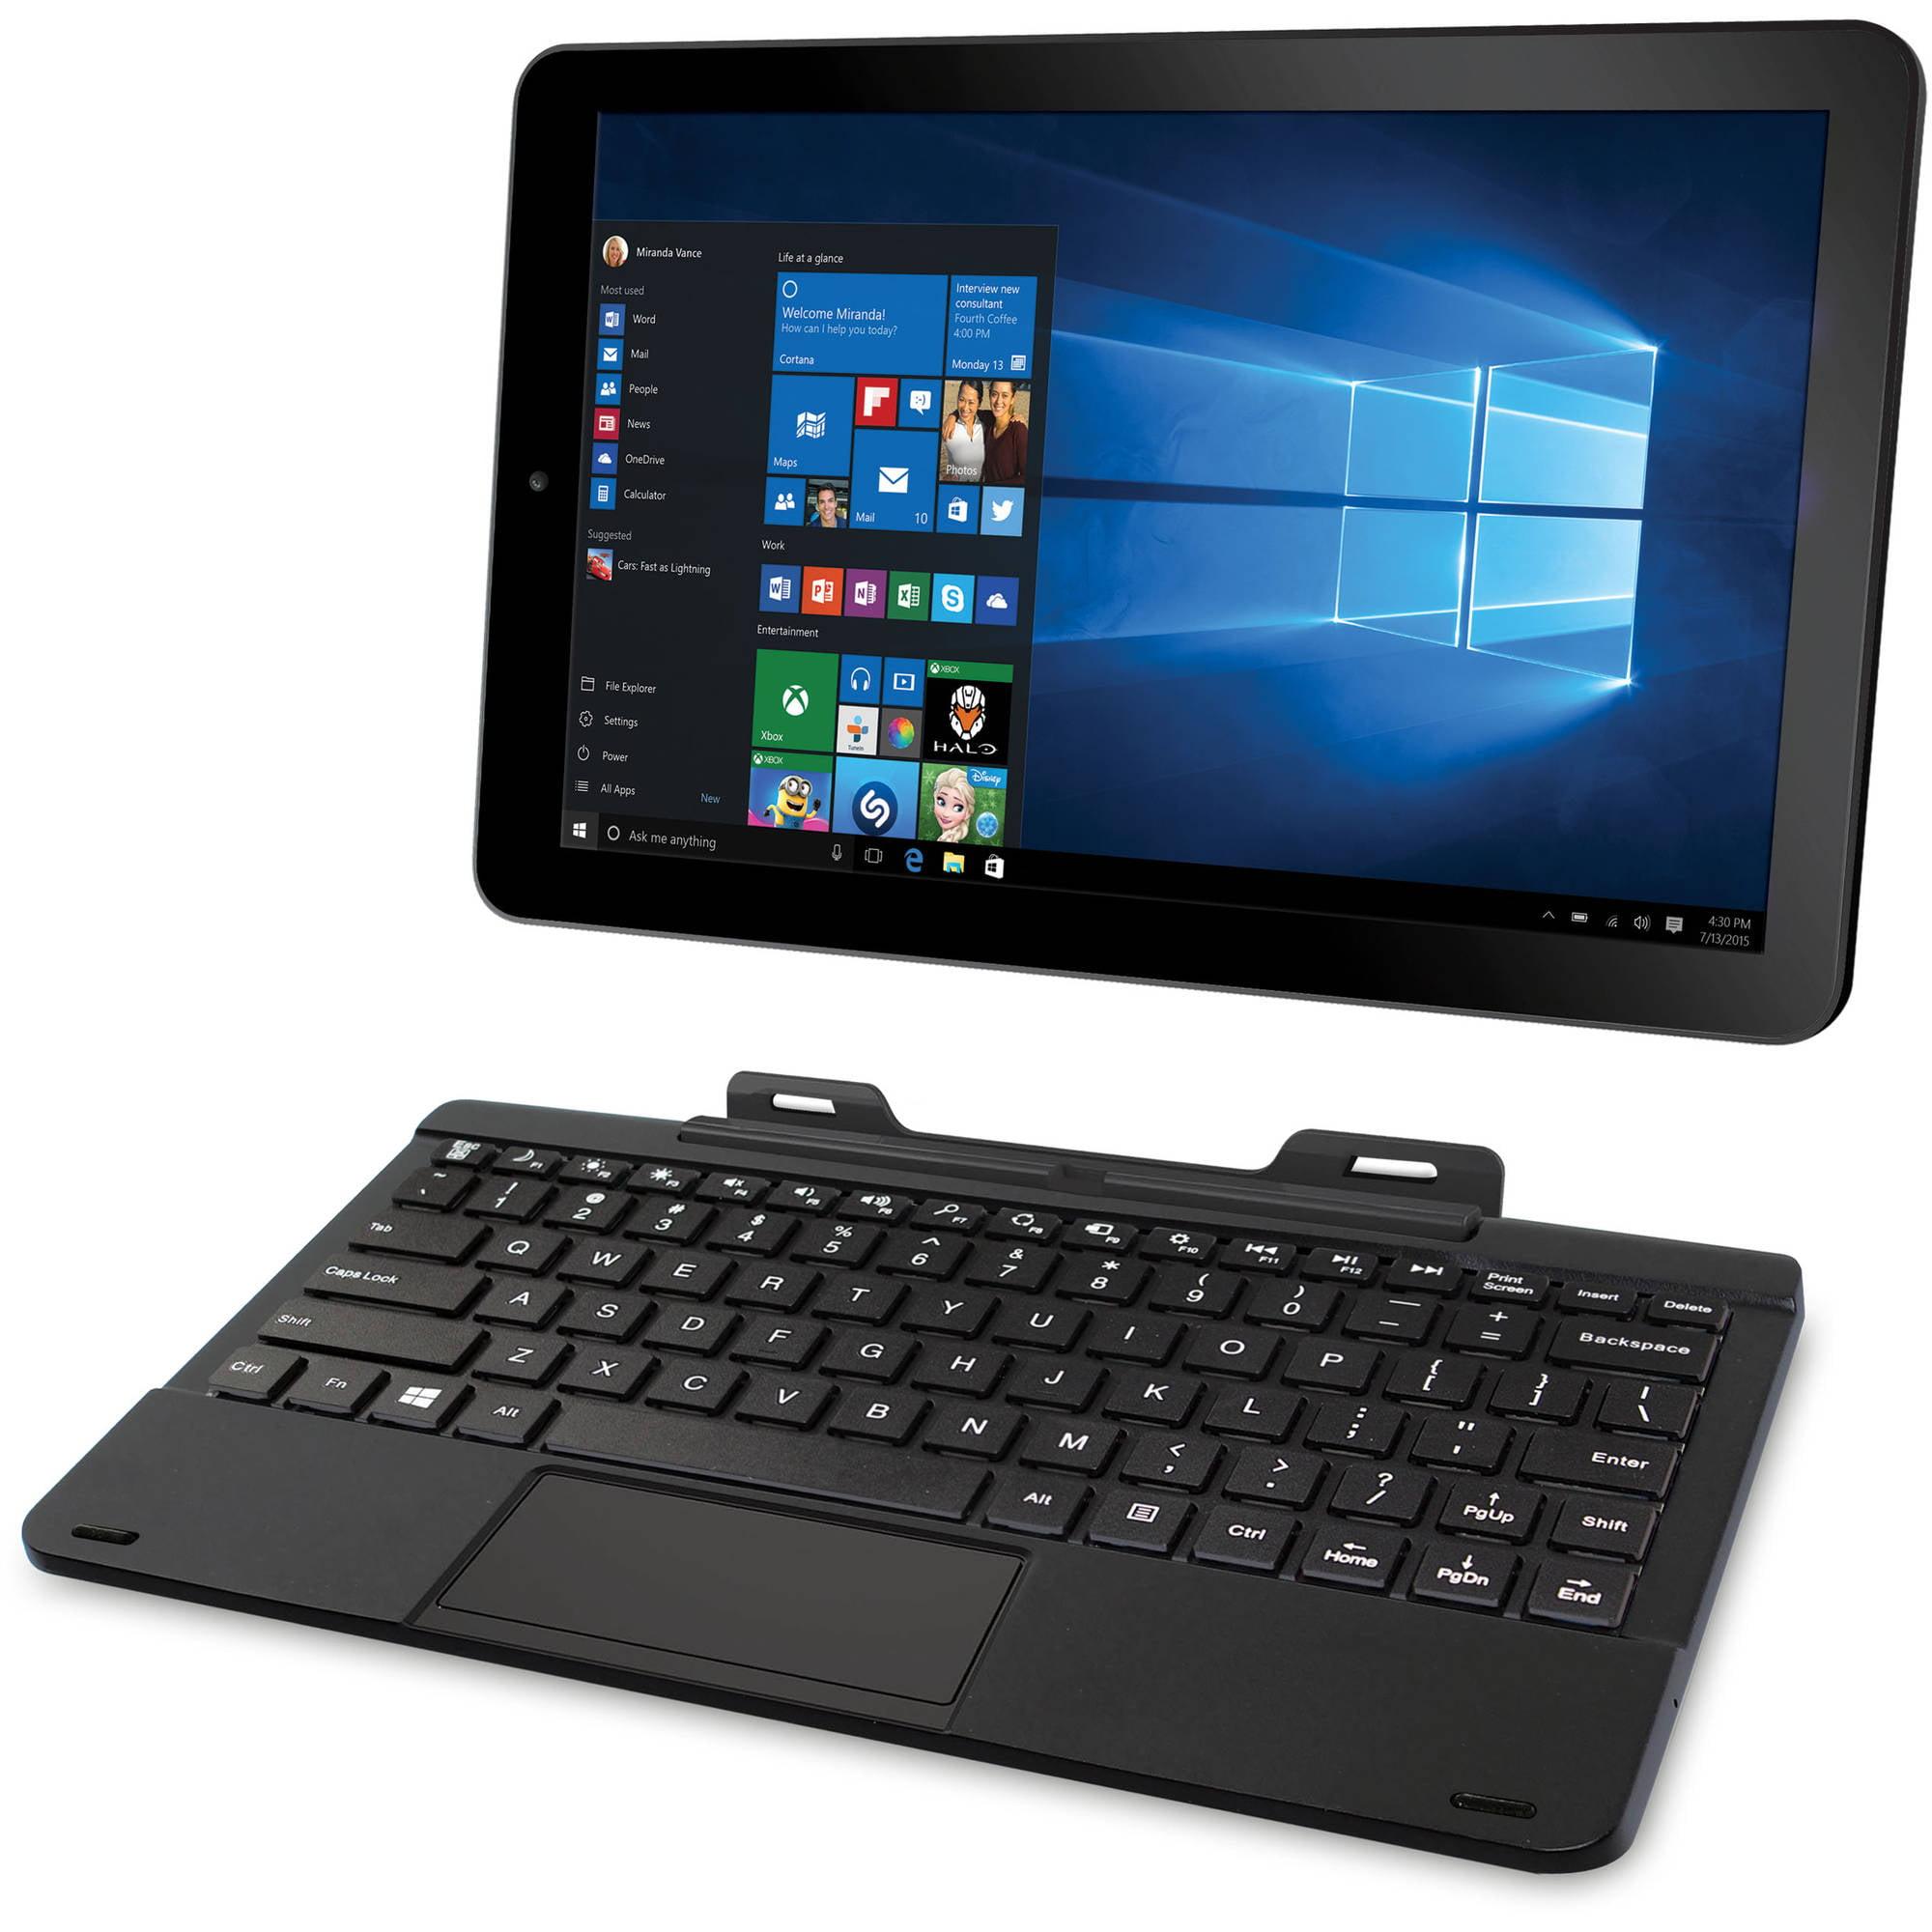 """RCA Cambio 10.1"""" 2in1 Tablet 32GB Intel Atom Z3735F Quad-Core Processor Windows 8.1"""